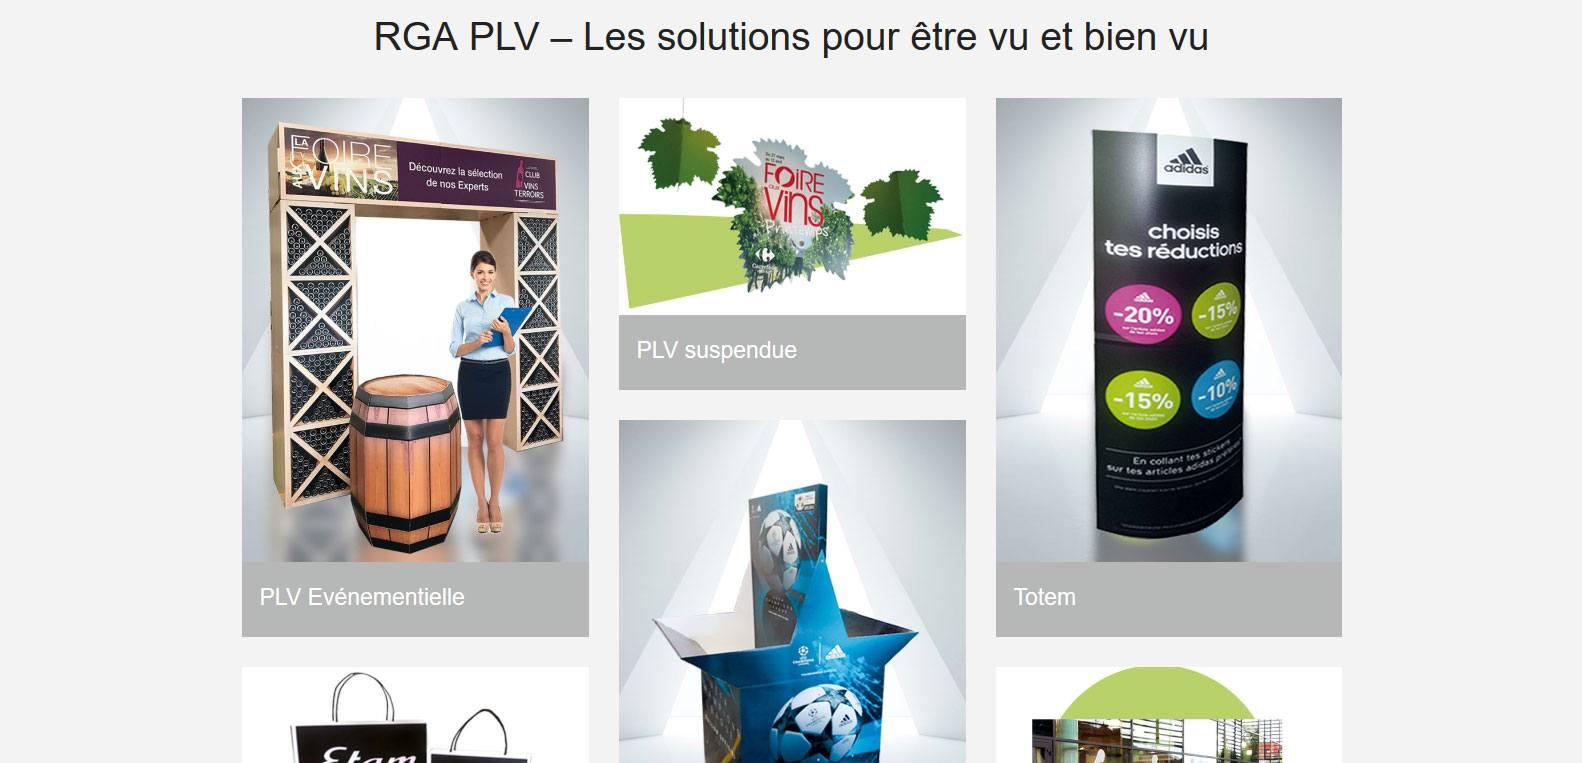 PLV évenementielle / suspendue, totem...rga. Découvrez les solutions pour être vu et bien vu. Client Karedess, agence web et digitale depuis 2006 à Mulhouse